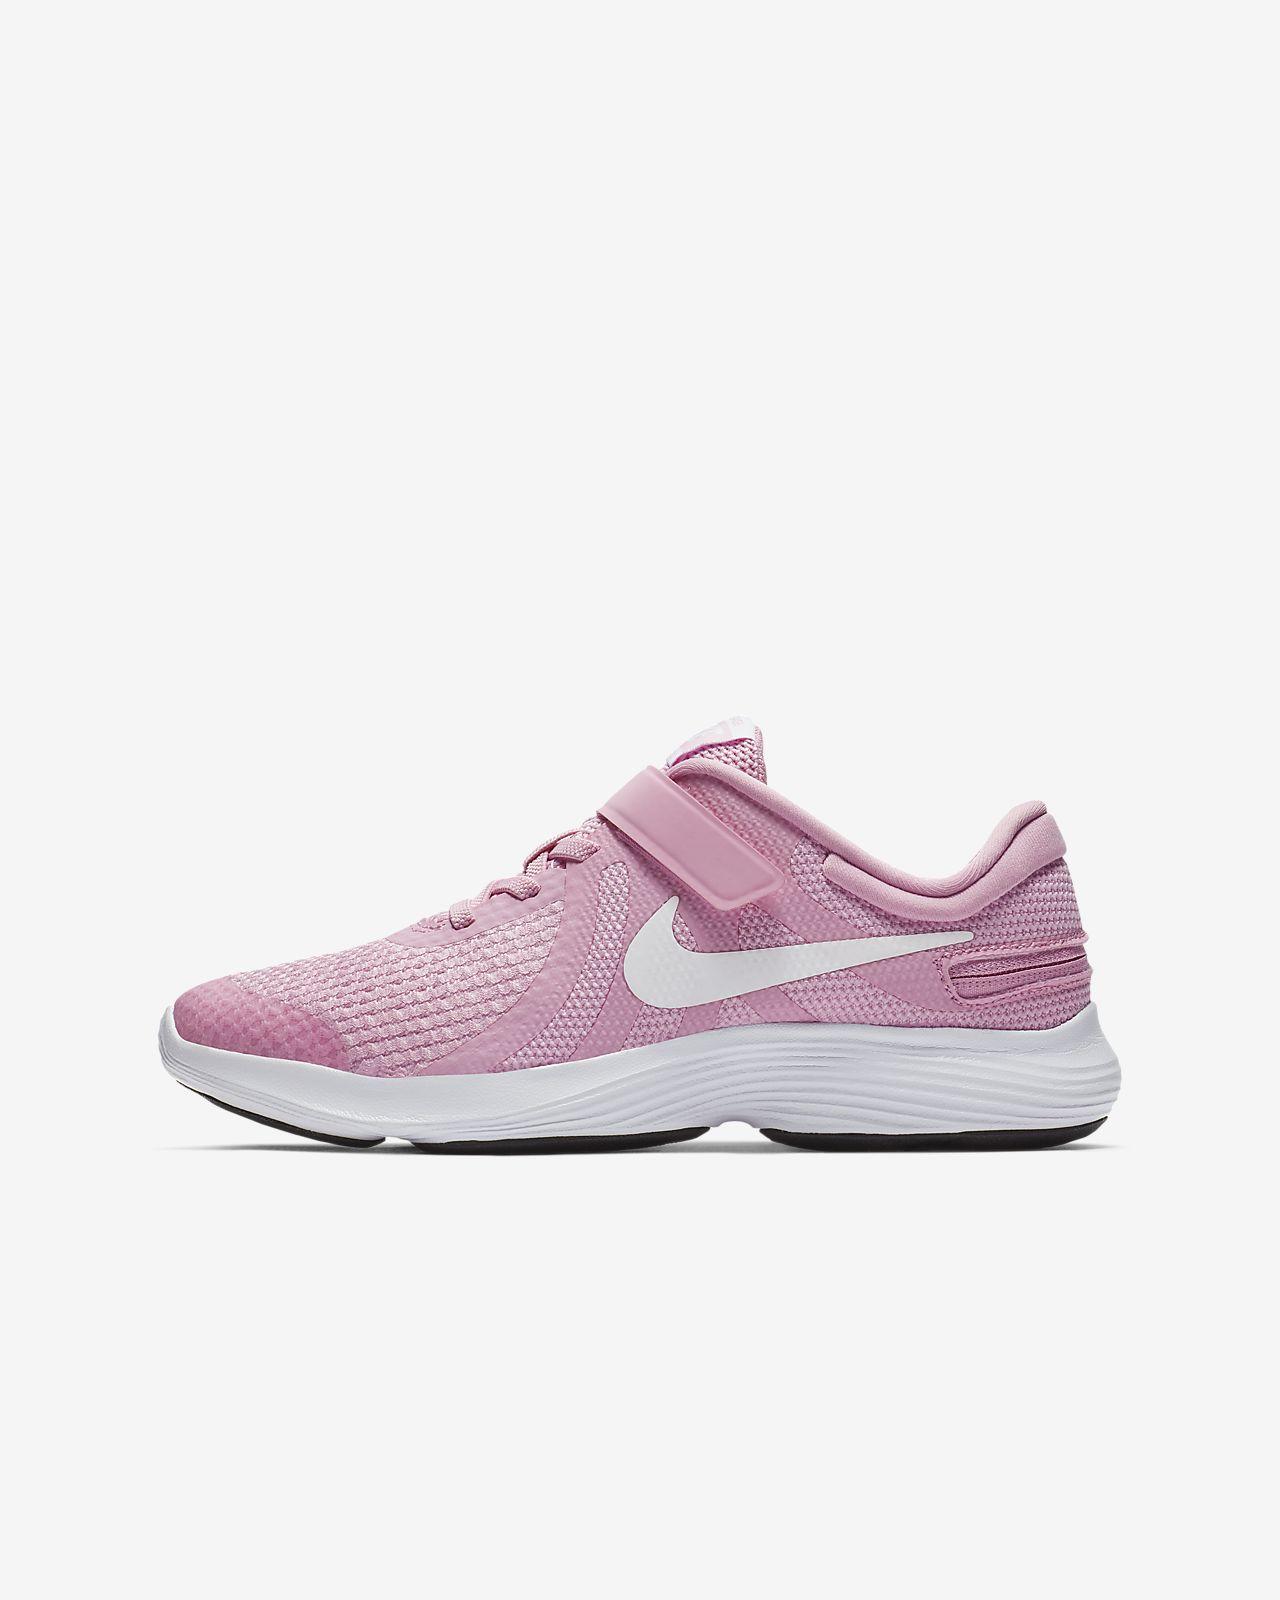 45646aaa41f509 Nike Revolution 4 FlyEase Laufschuh für ältere Kinder. Nike.com DE